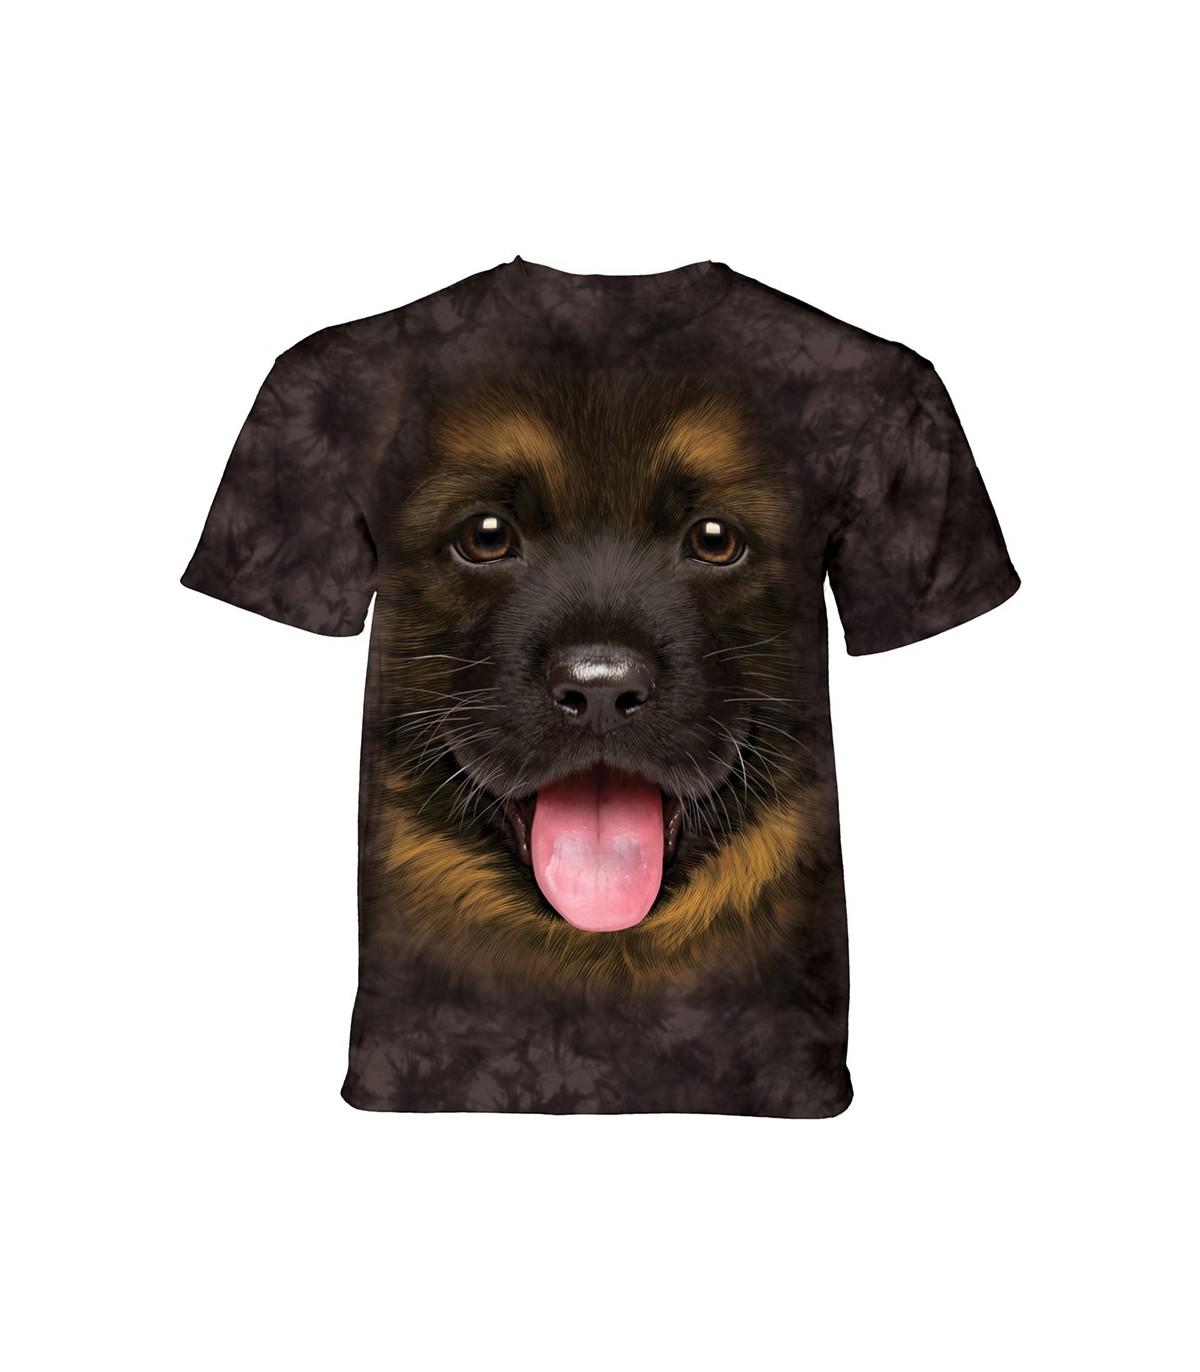 c0db05e35417f T-shirt chiot berger allemand unisexe adulte et enfant - The Mountain